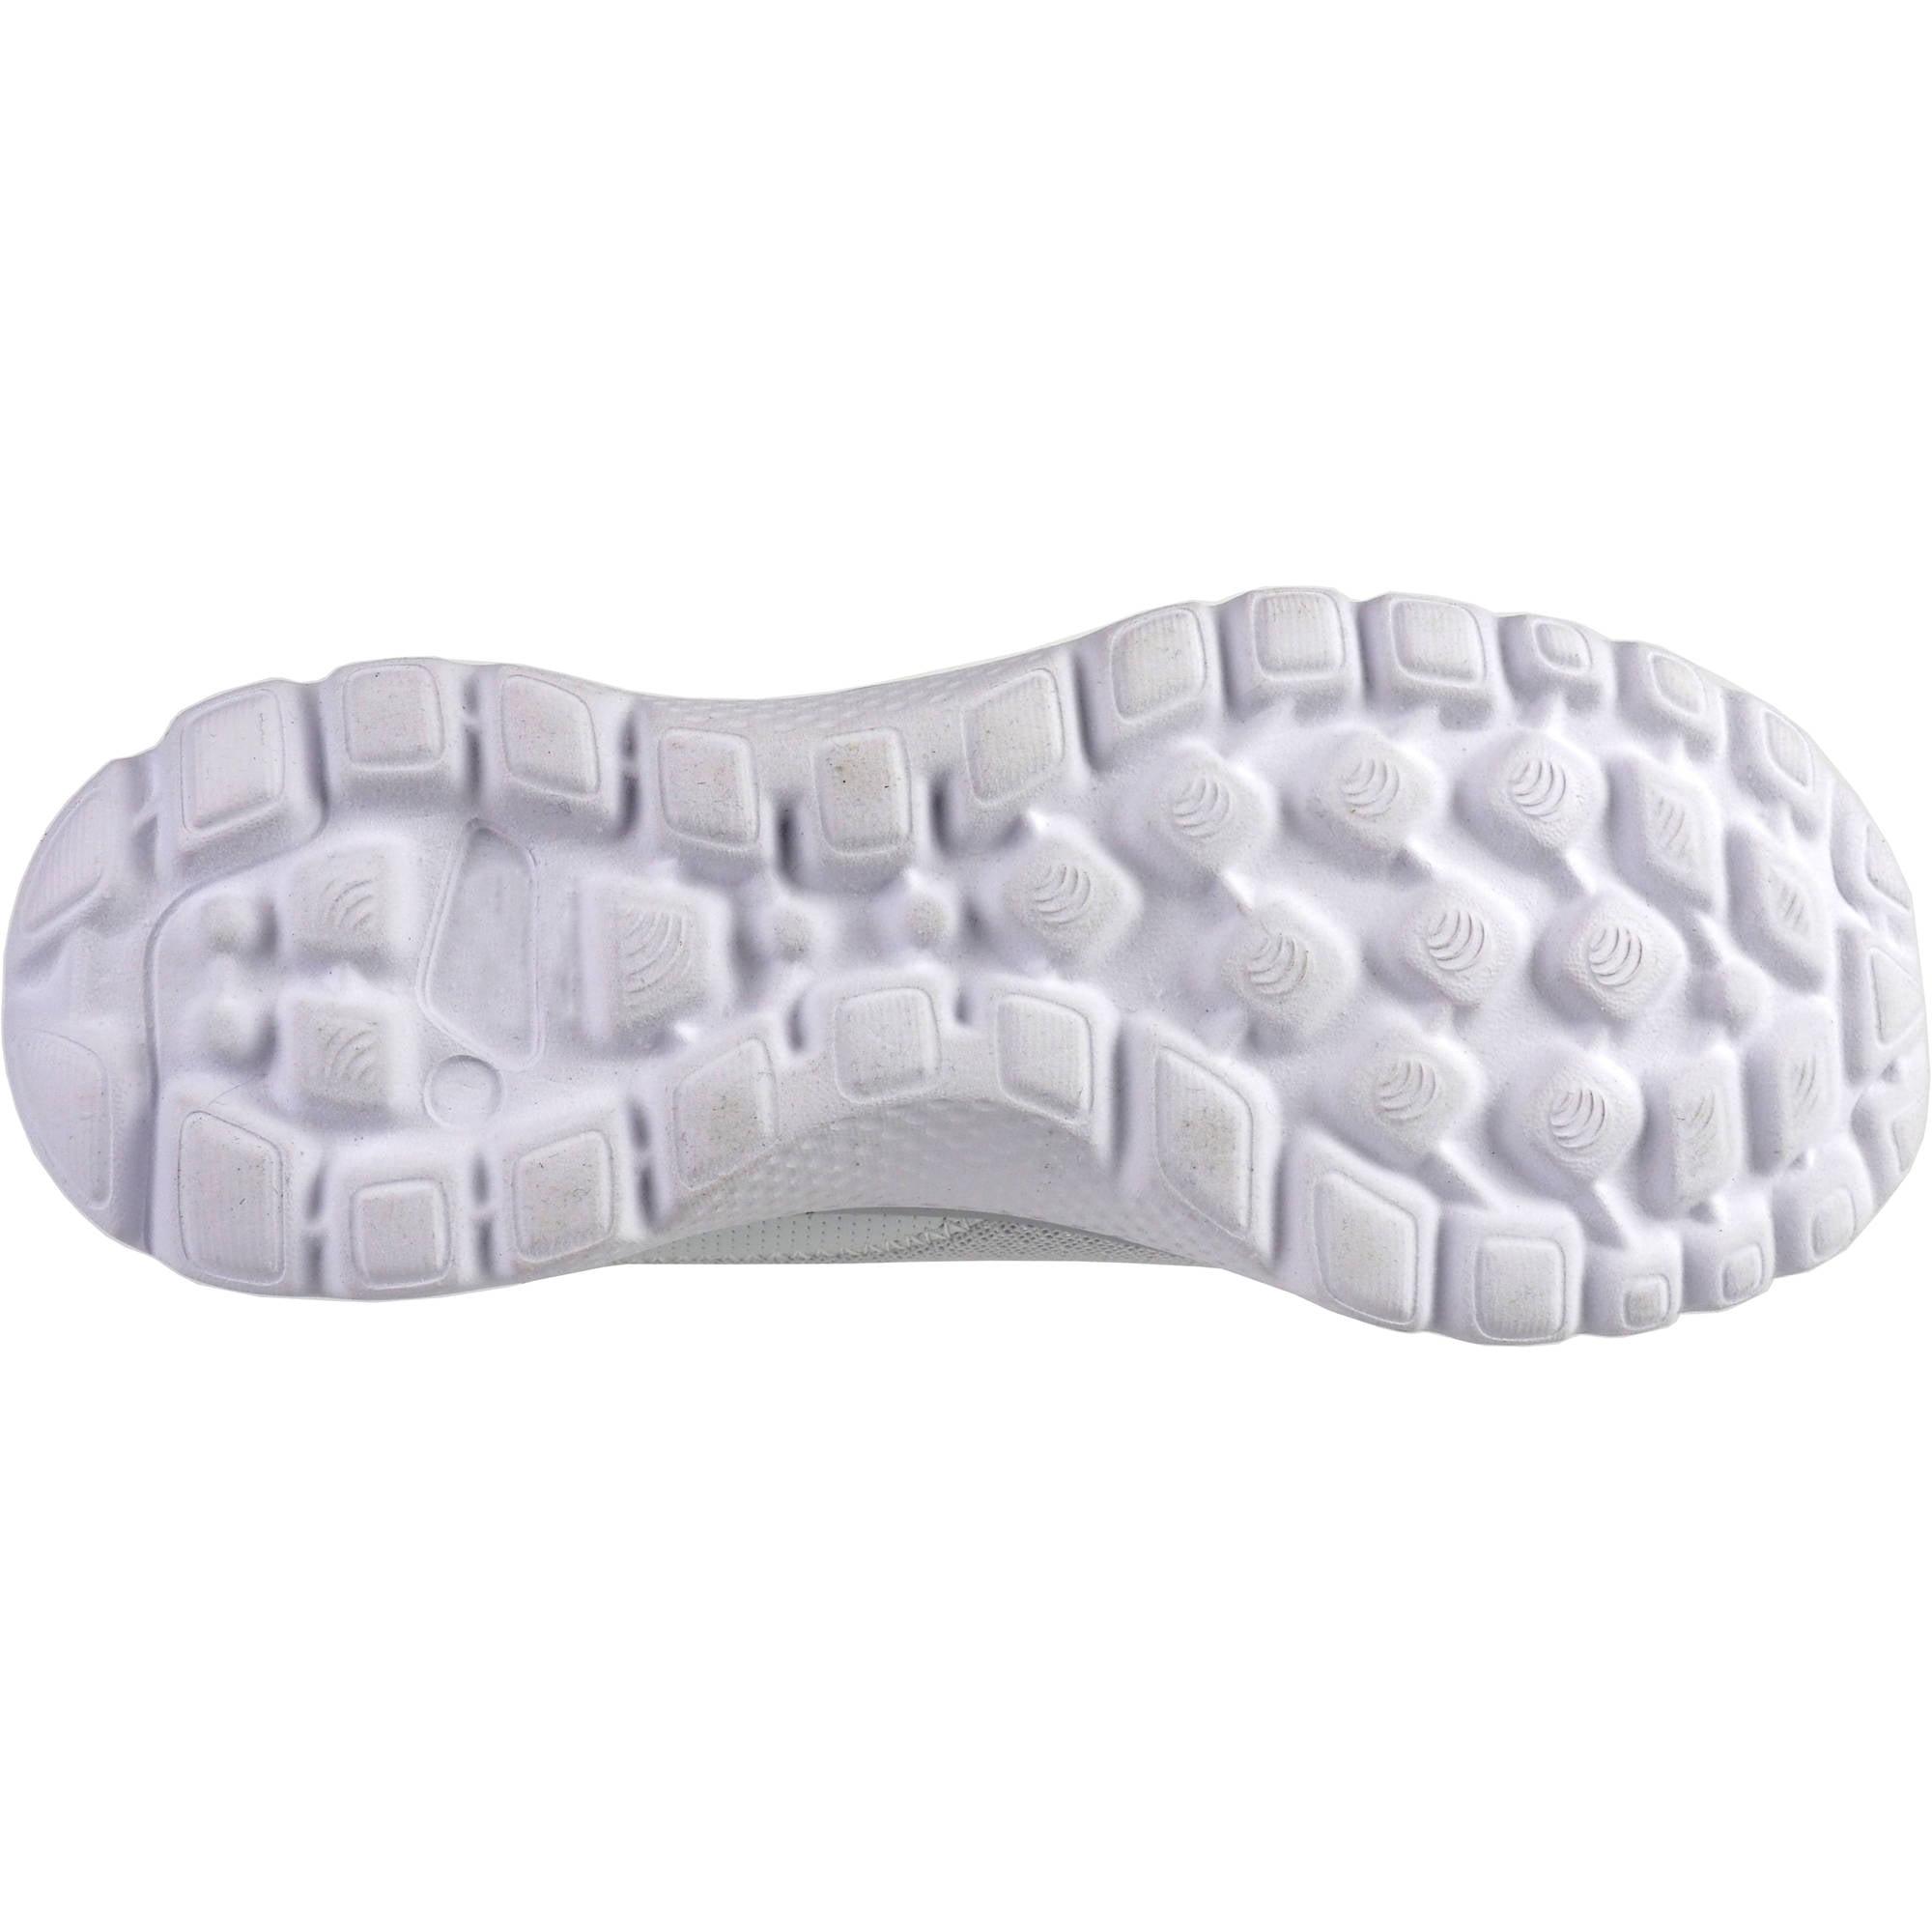 womens memory foam slip on athletic shoe slide on running